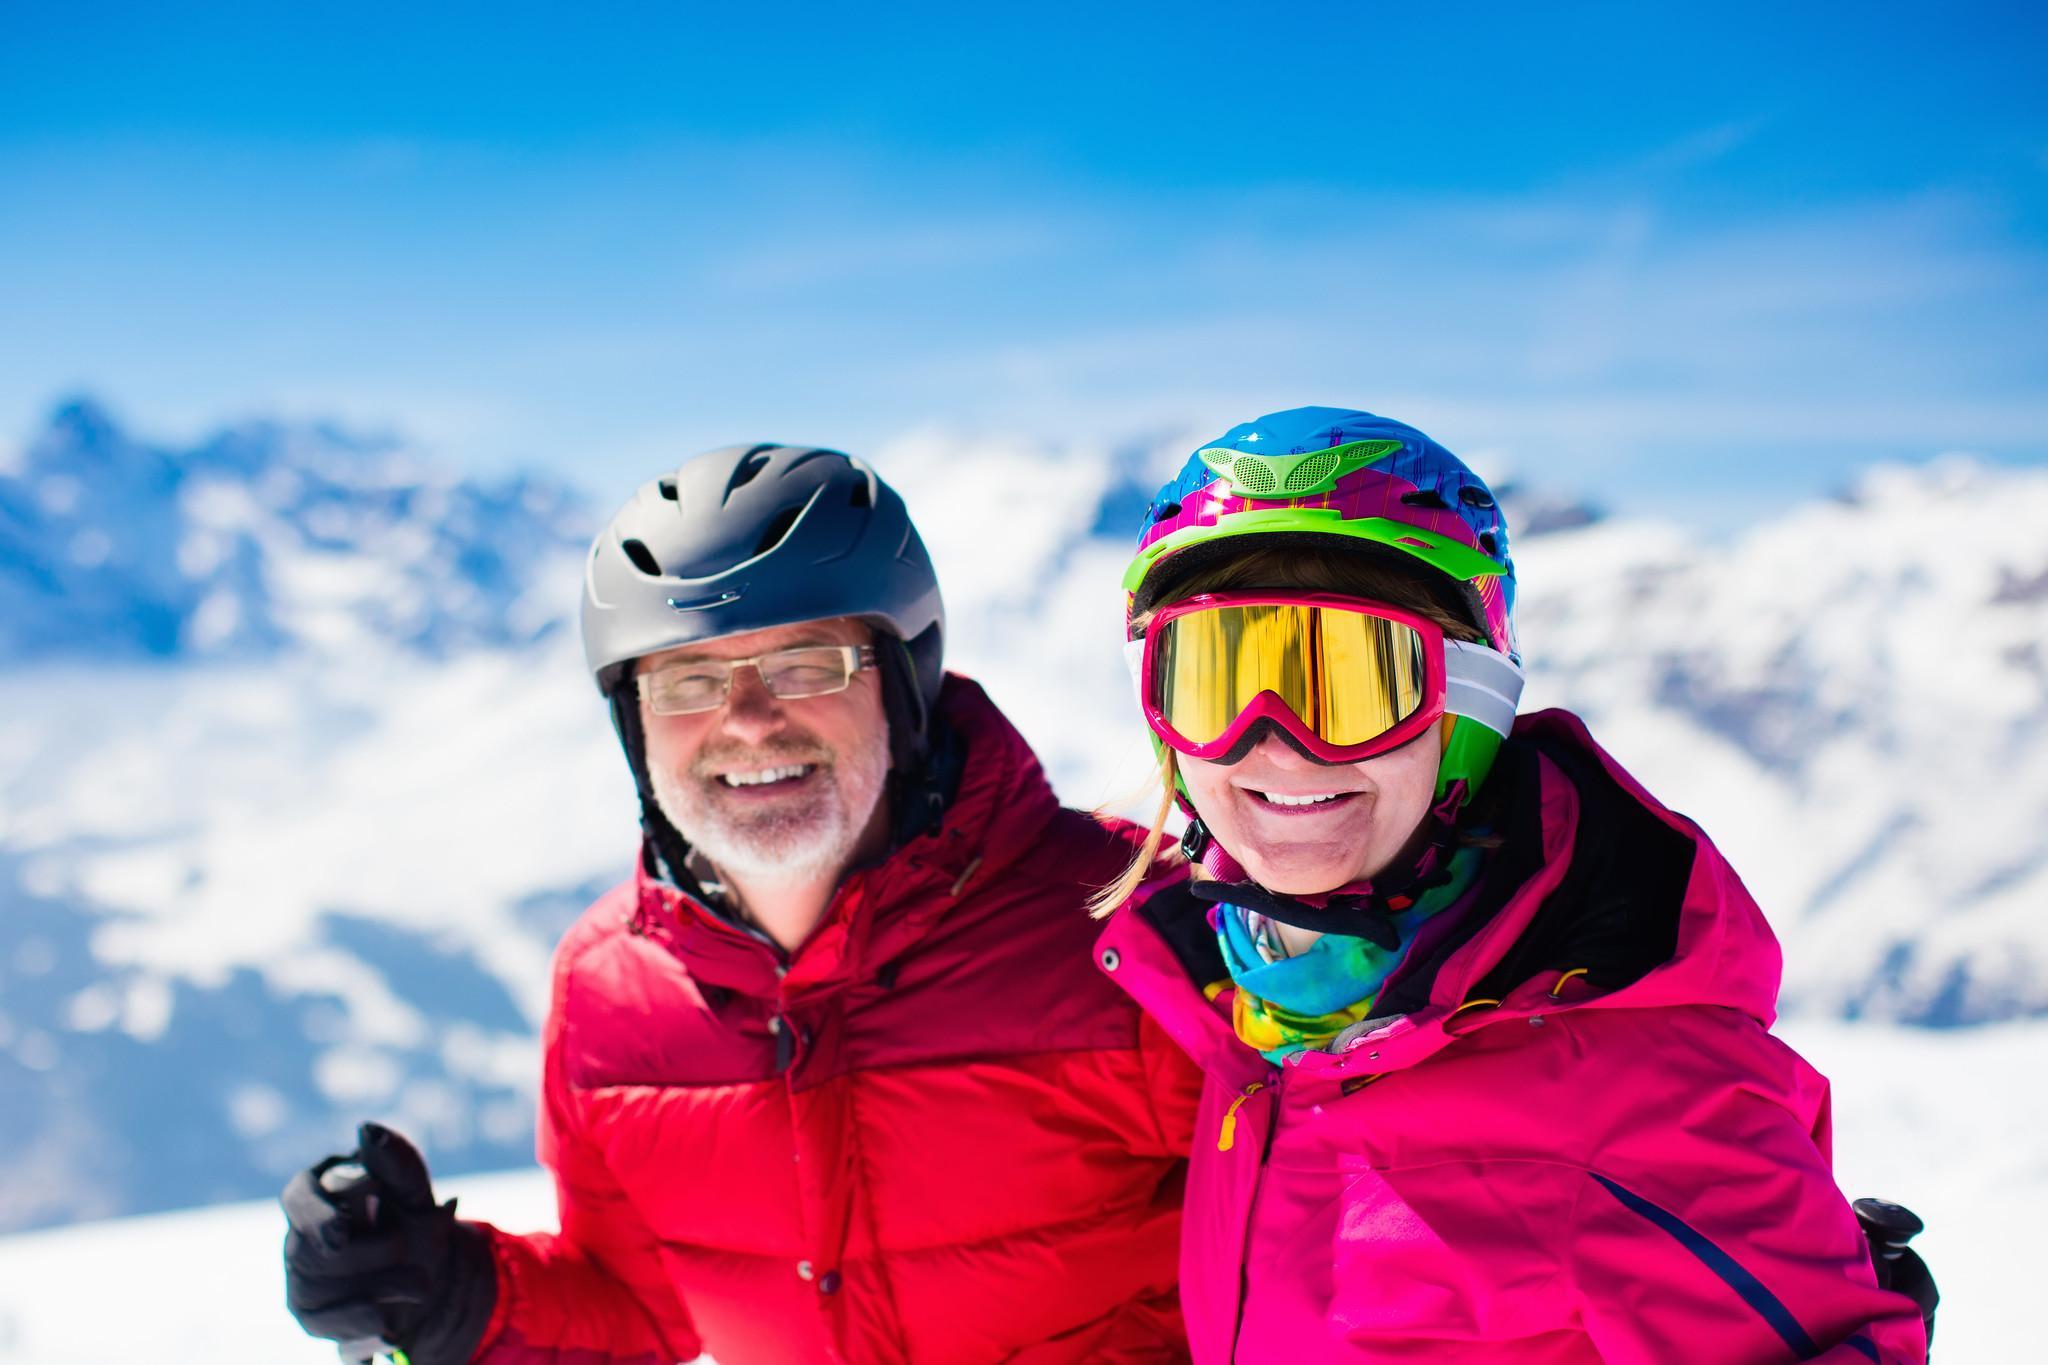 Cours de ski Adultes dès 14 ans pour Tous niveaux